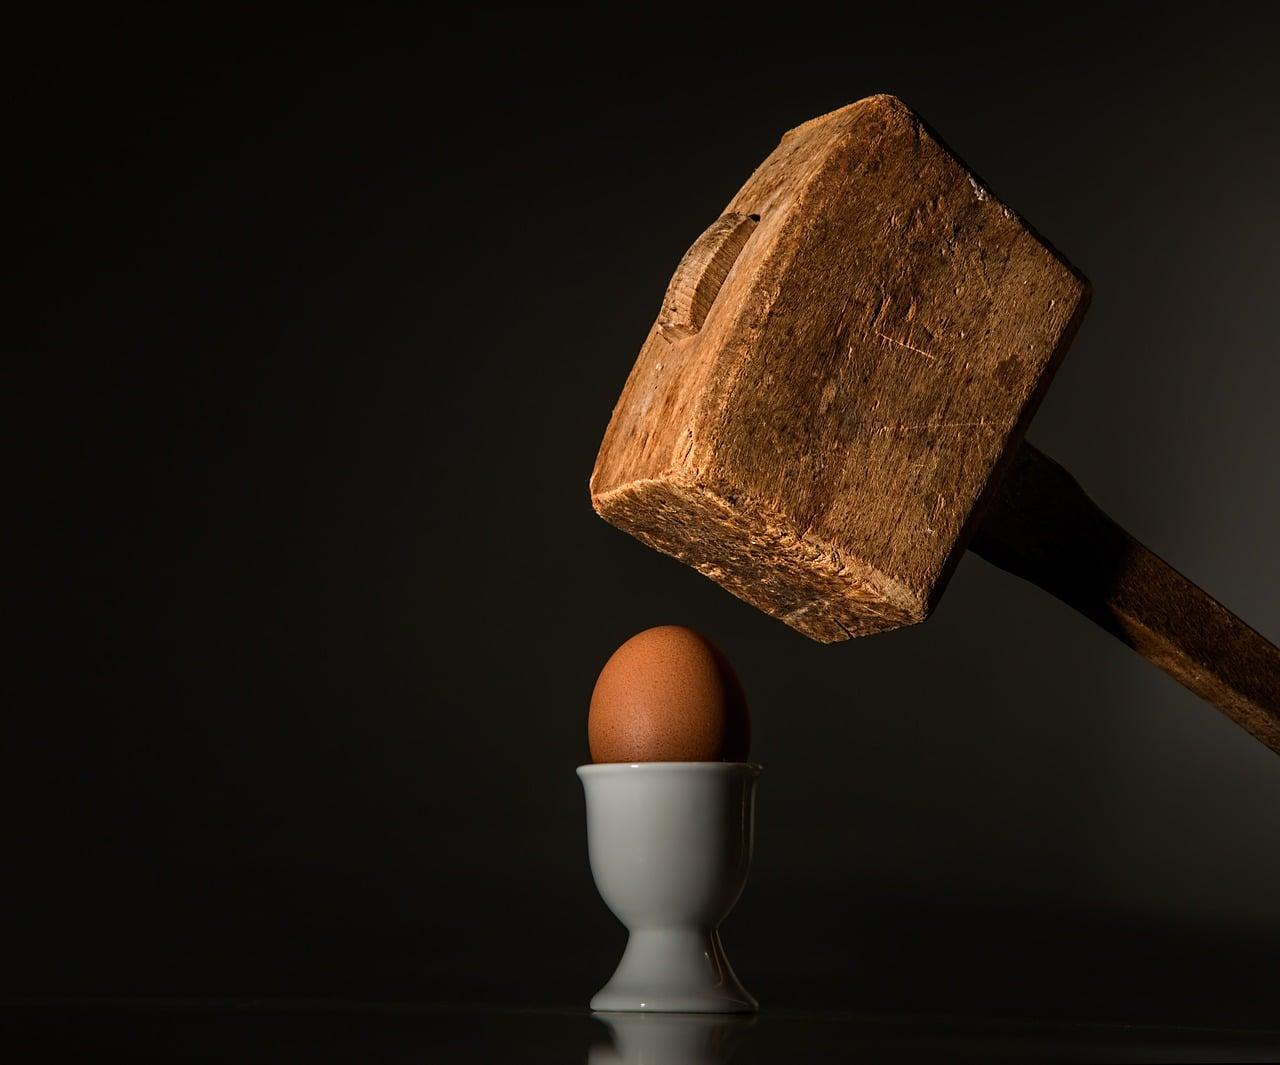 Un maillet en bois s'apprête à frapper un oeuf à la coque